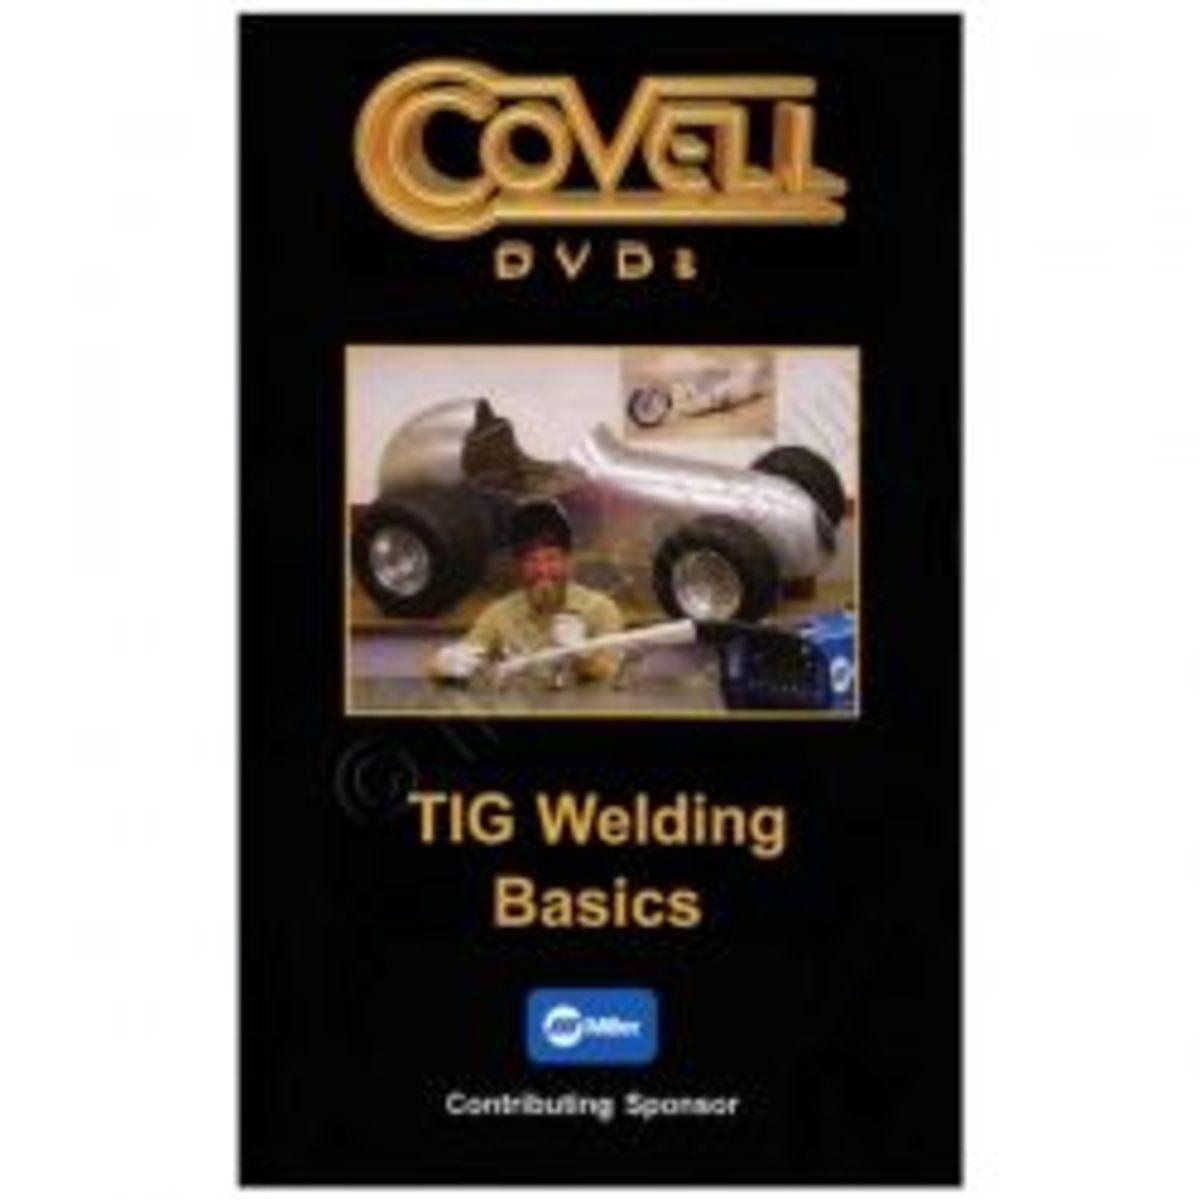 tig basics dvd